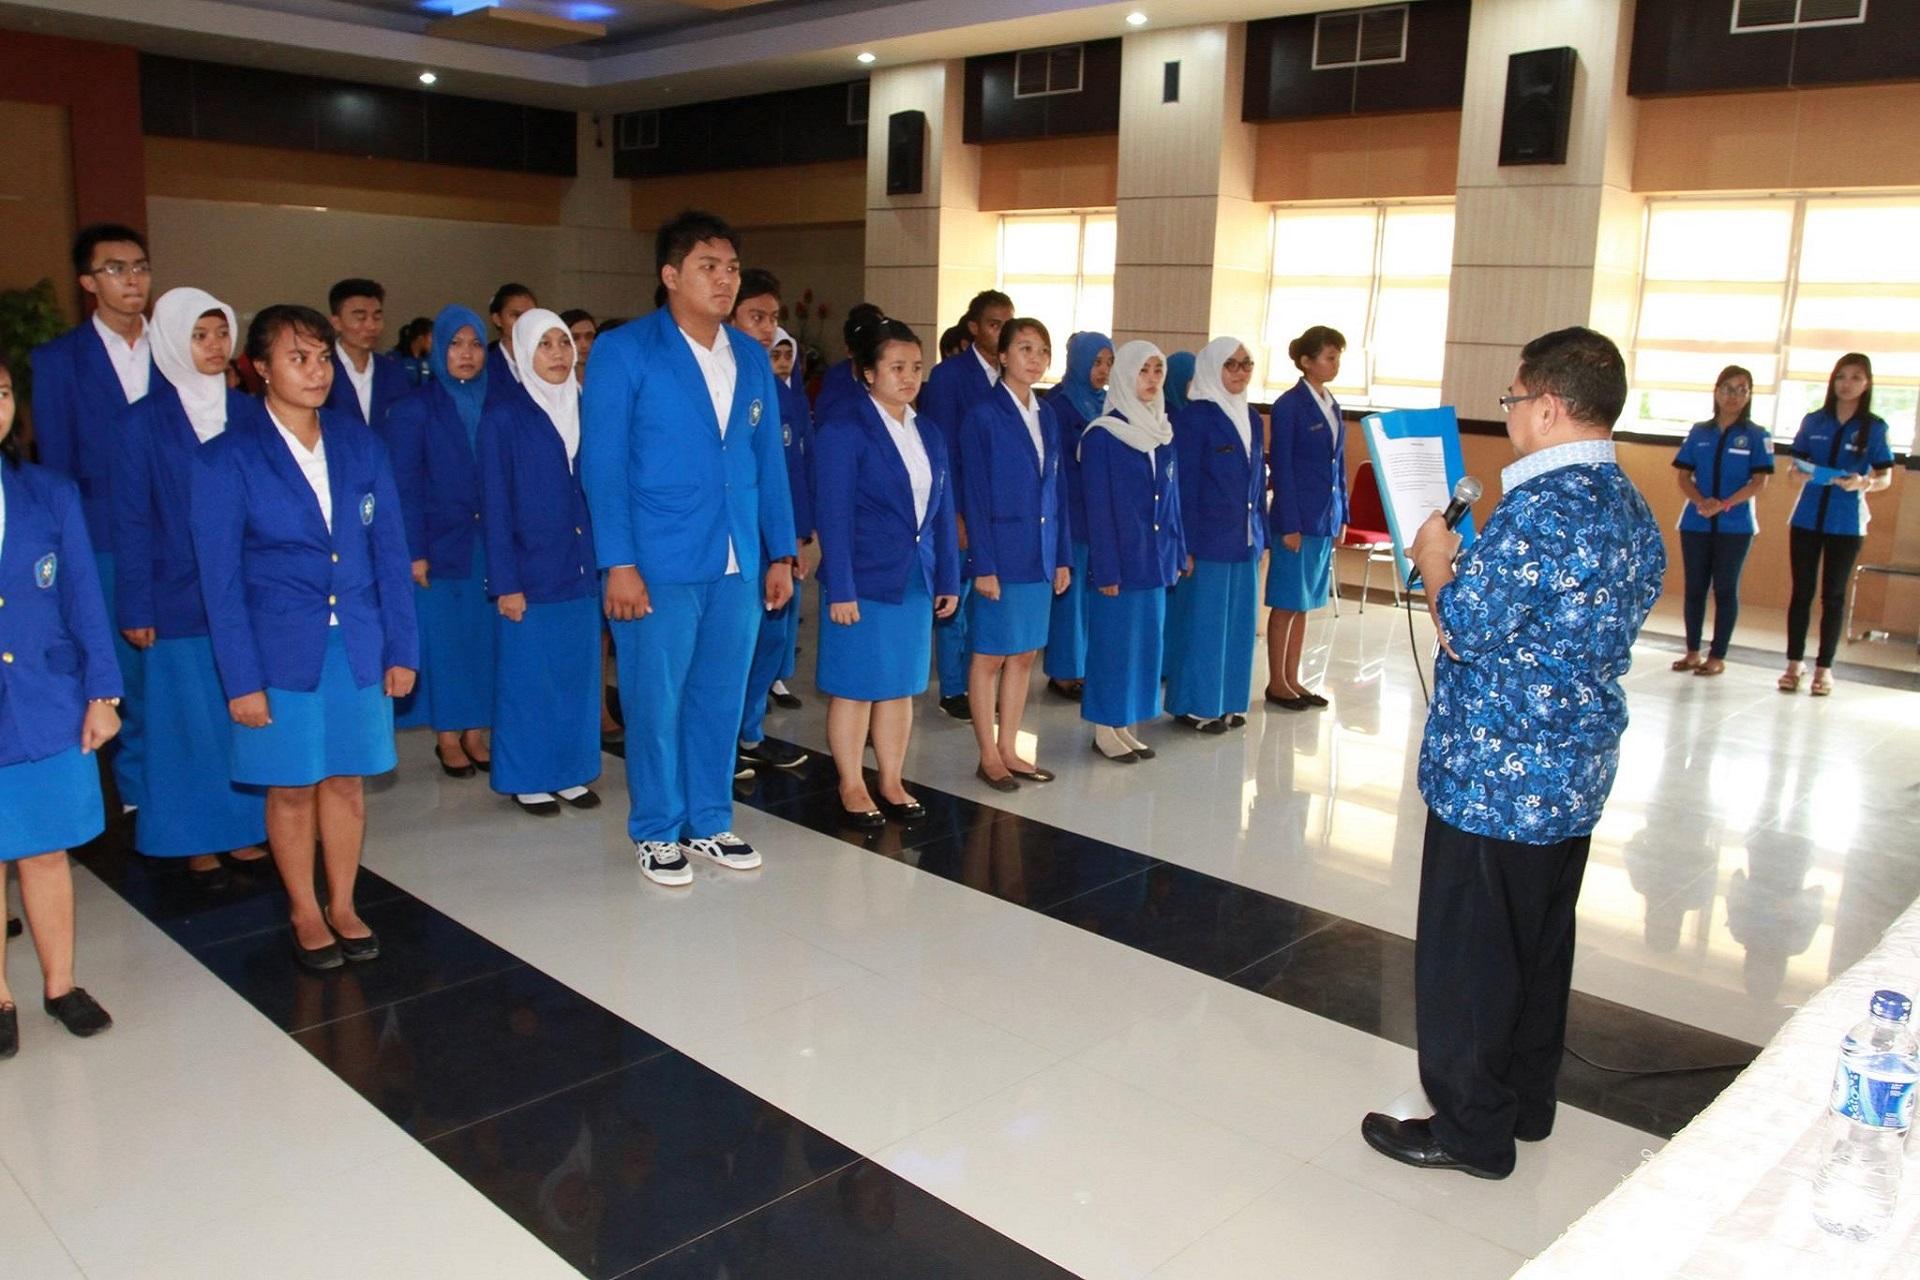 Jadwal Pendaftaran Sipenmaru Poltekkes Manado 2020/2021